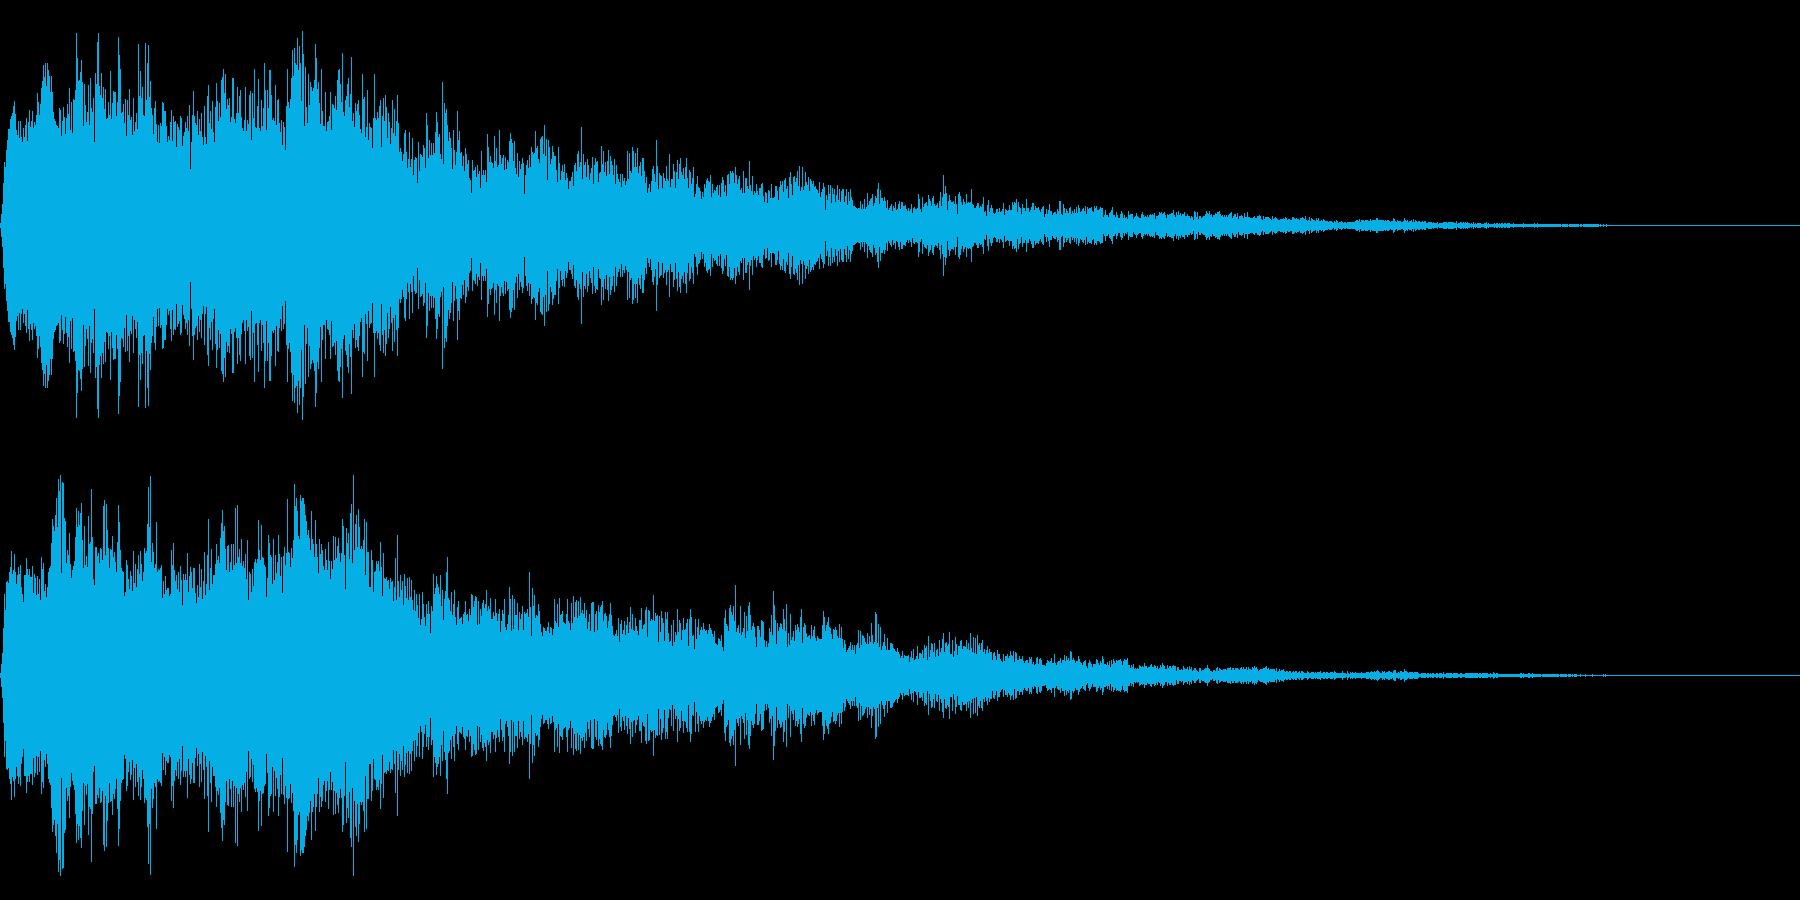 セレクト音 決定音 選択 起動 開始の再生済みの波形